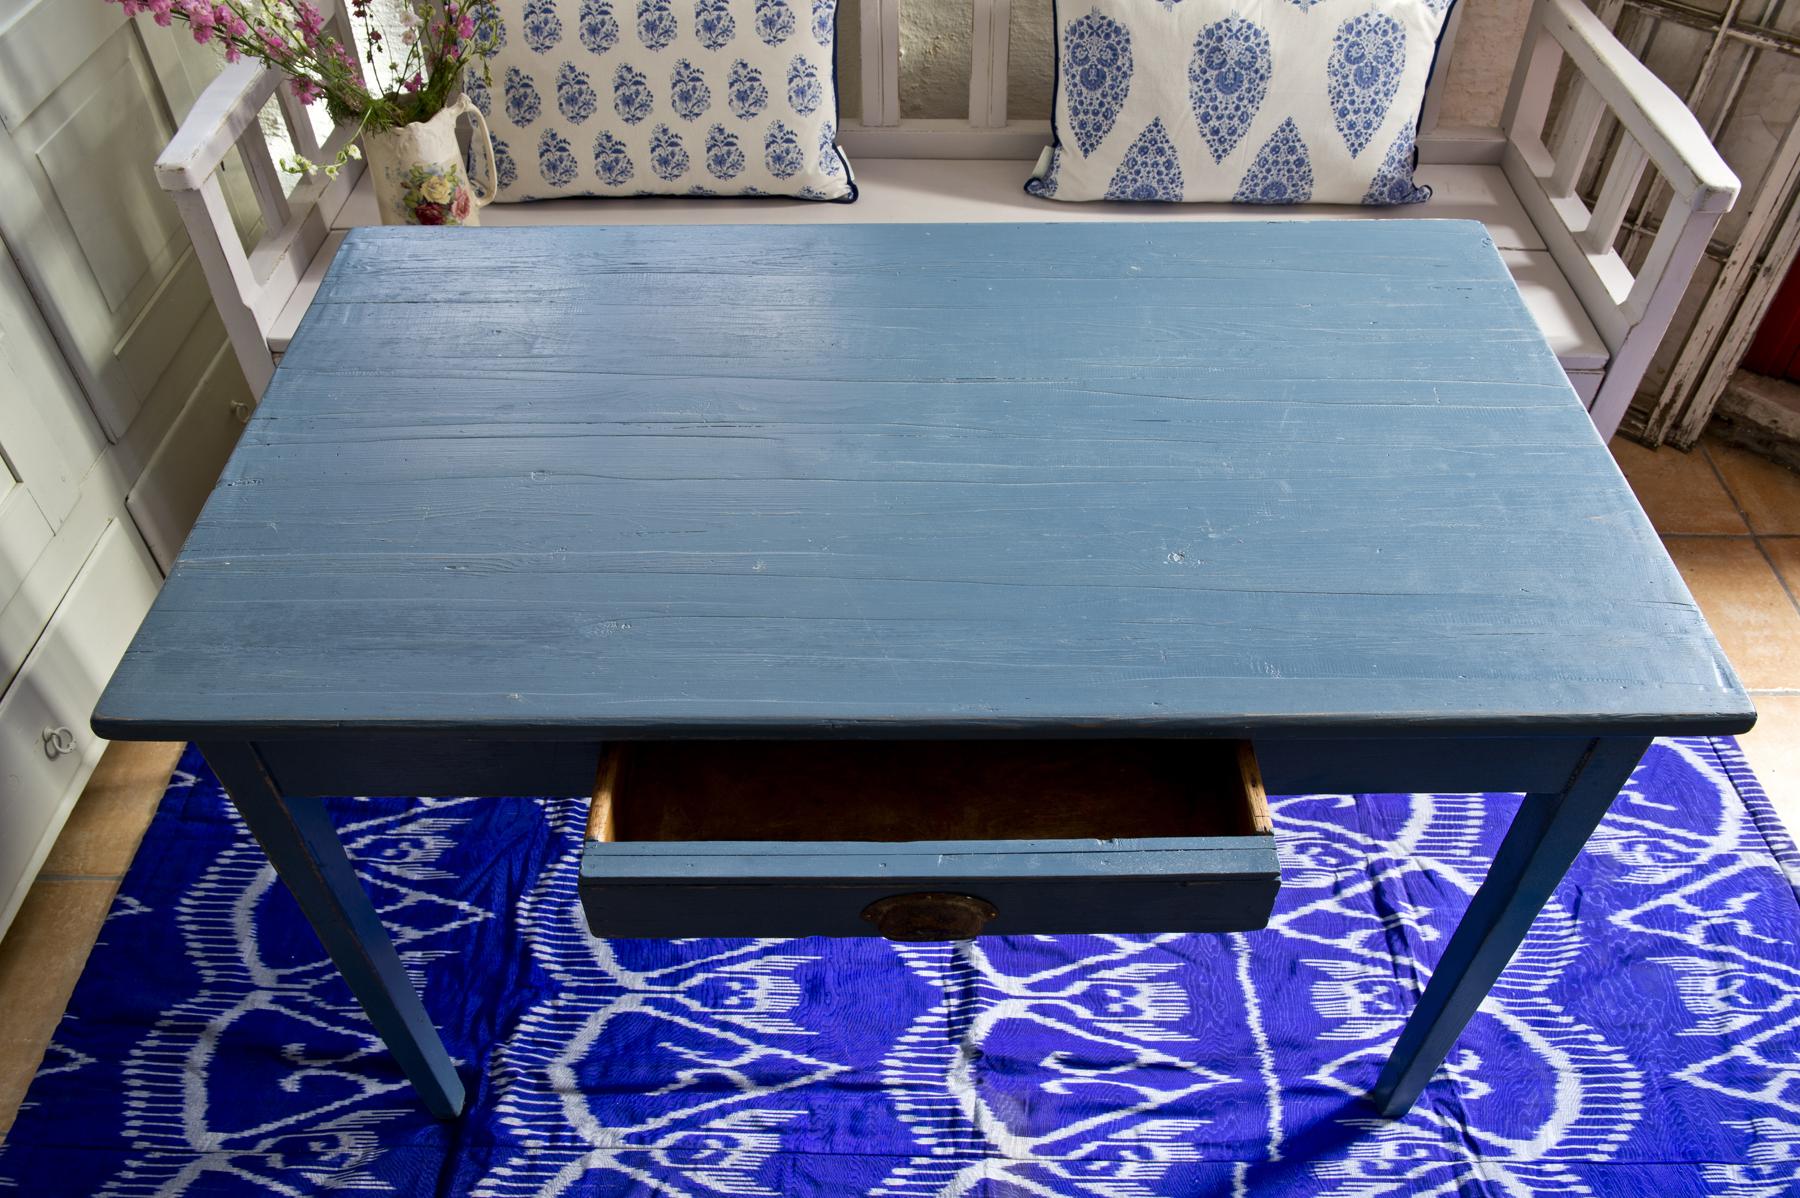 Blatt Koksbord : gammalt koksbord med loda  Butik Lanthandeln Blott bord med loda